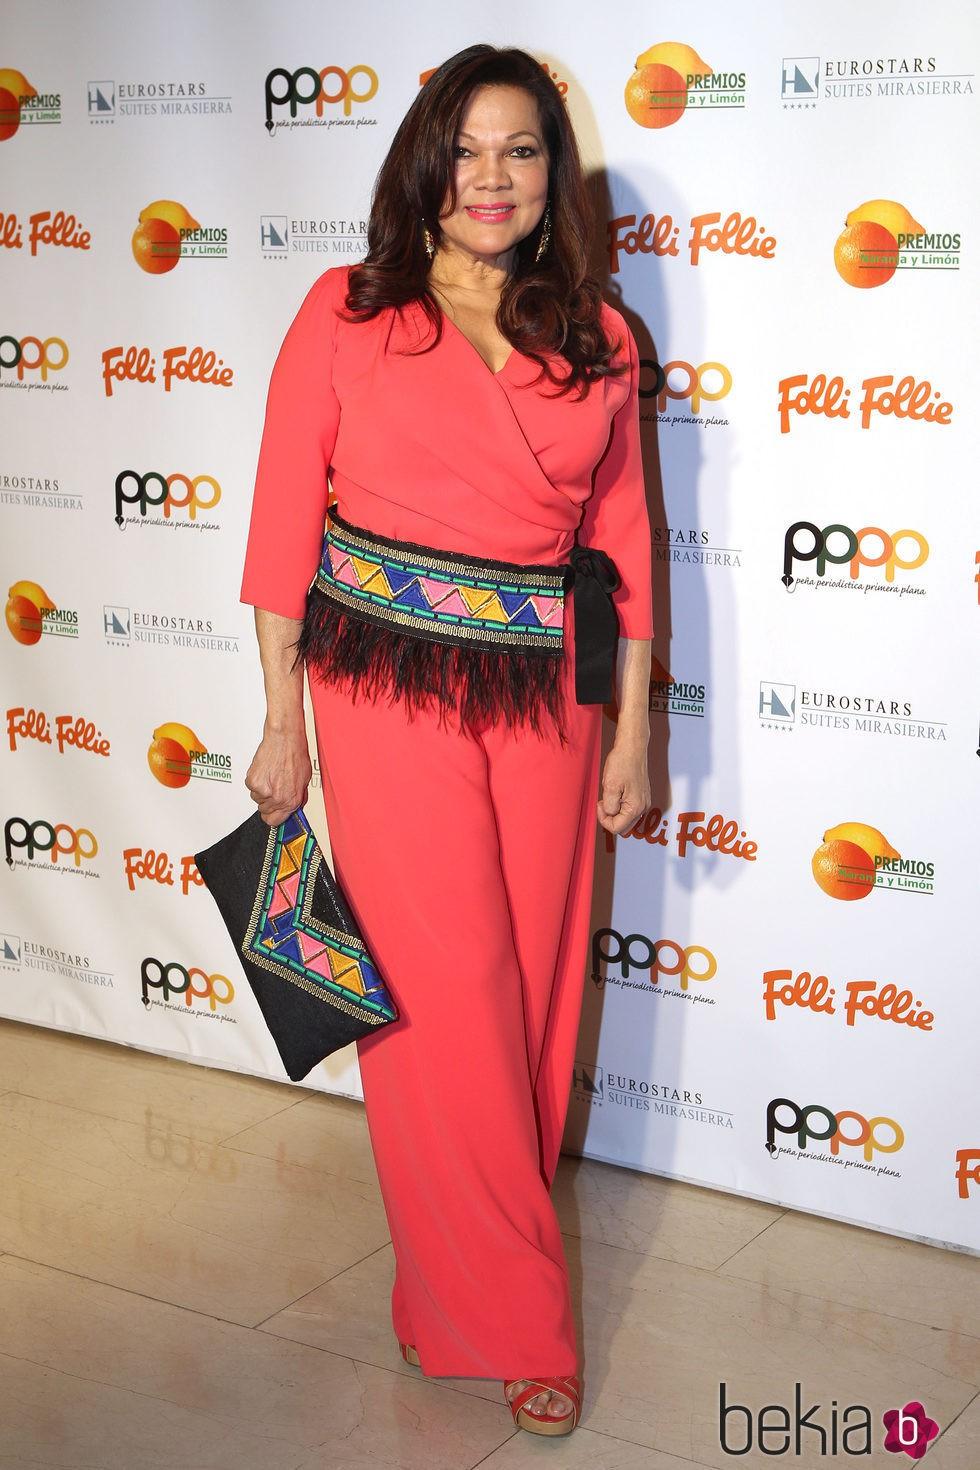 ángela Carrasco En Los Premios Naranja Y Limón 2016 Invitados A Los Premios Naranja Y Limón 2016 Foto En Bekia Actualidad